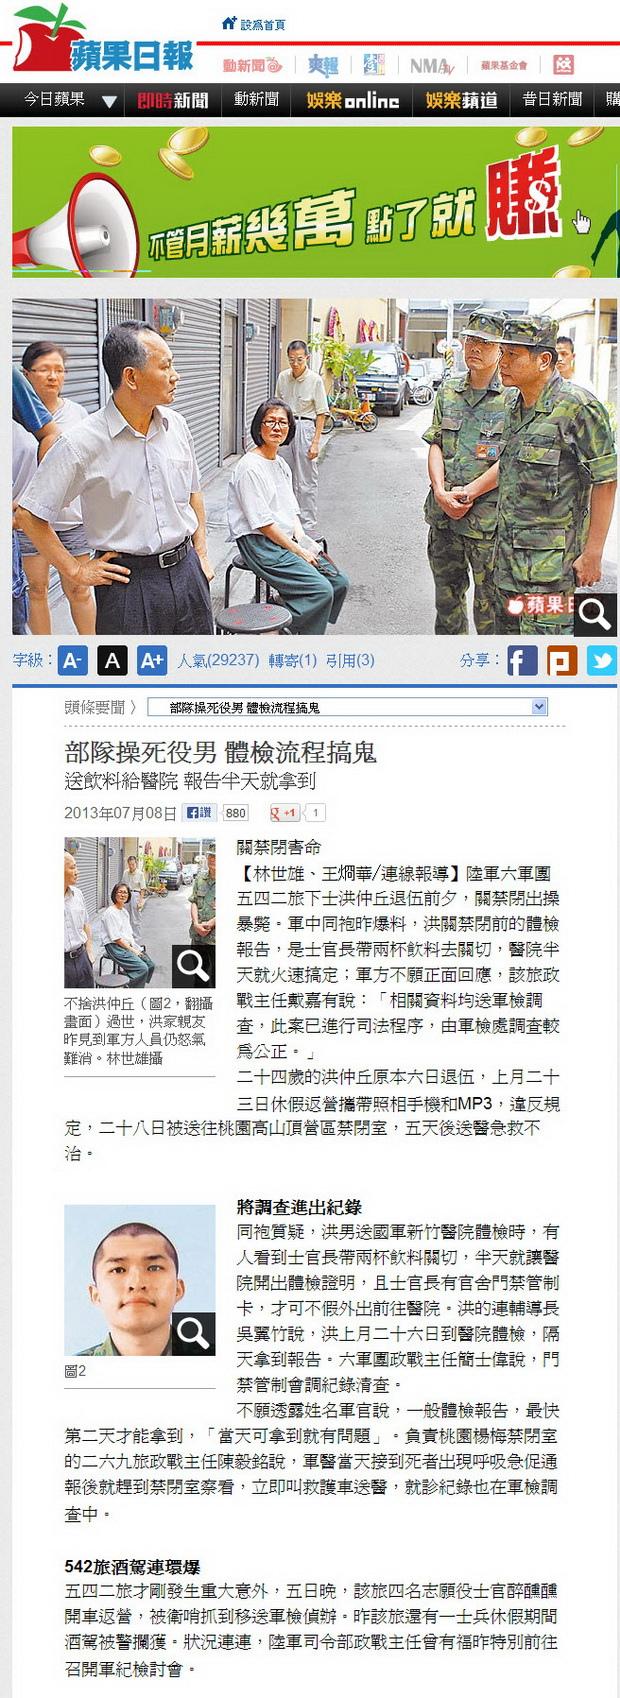 部隊操死役男 體檢流程搞鬼-2013.07.08.jpg